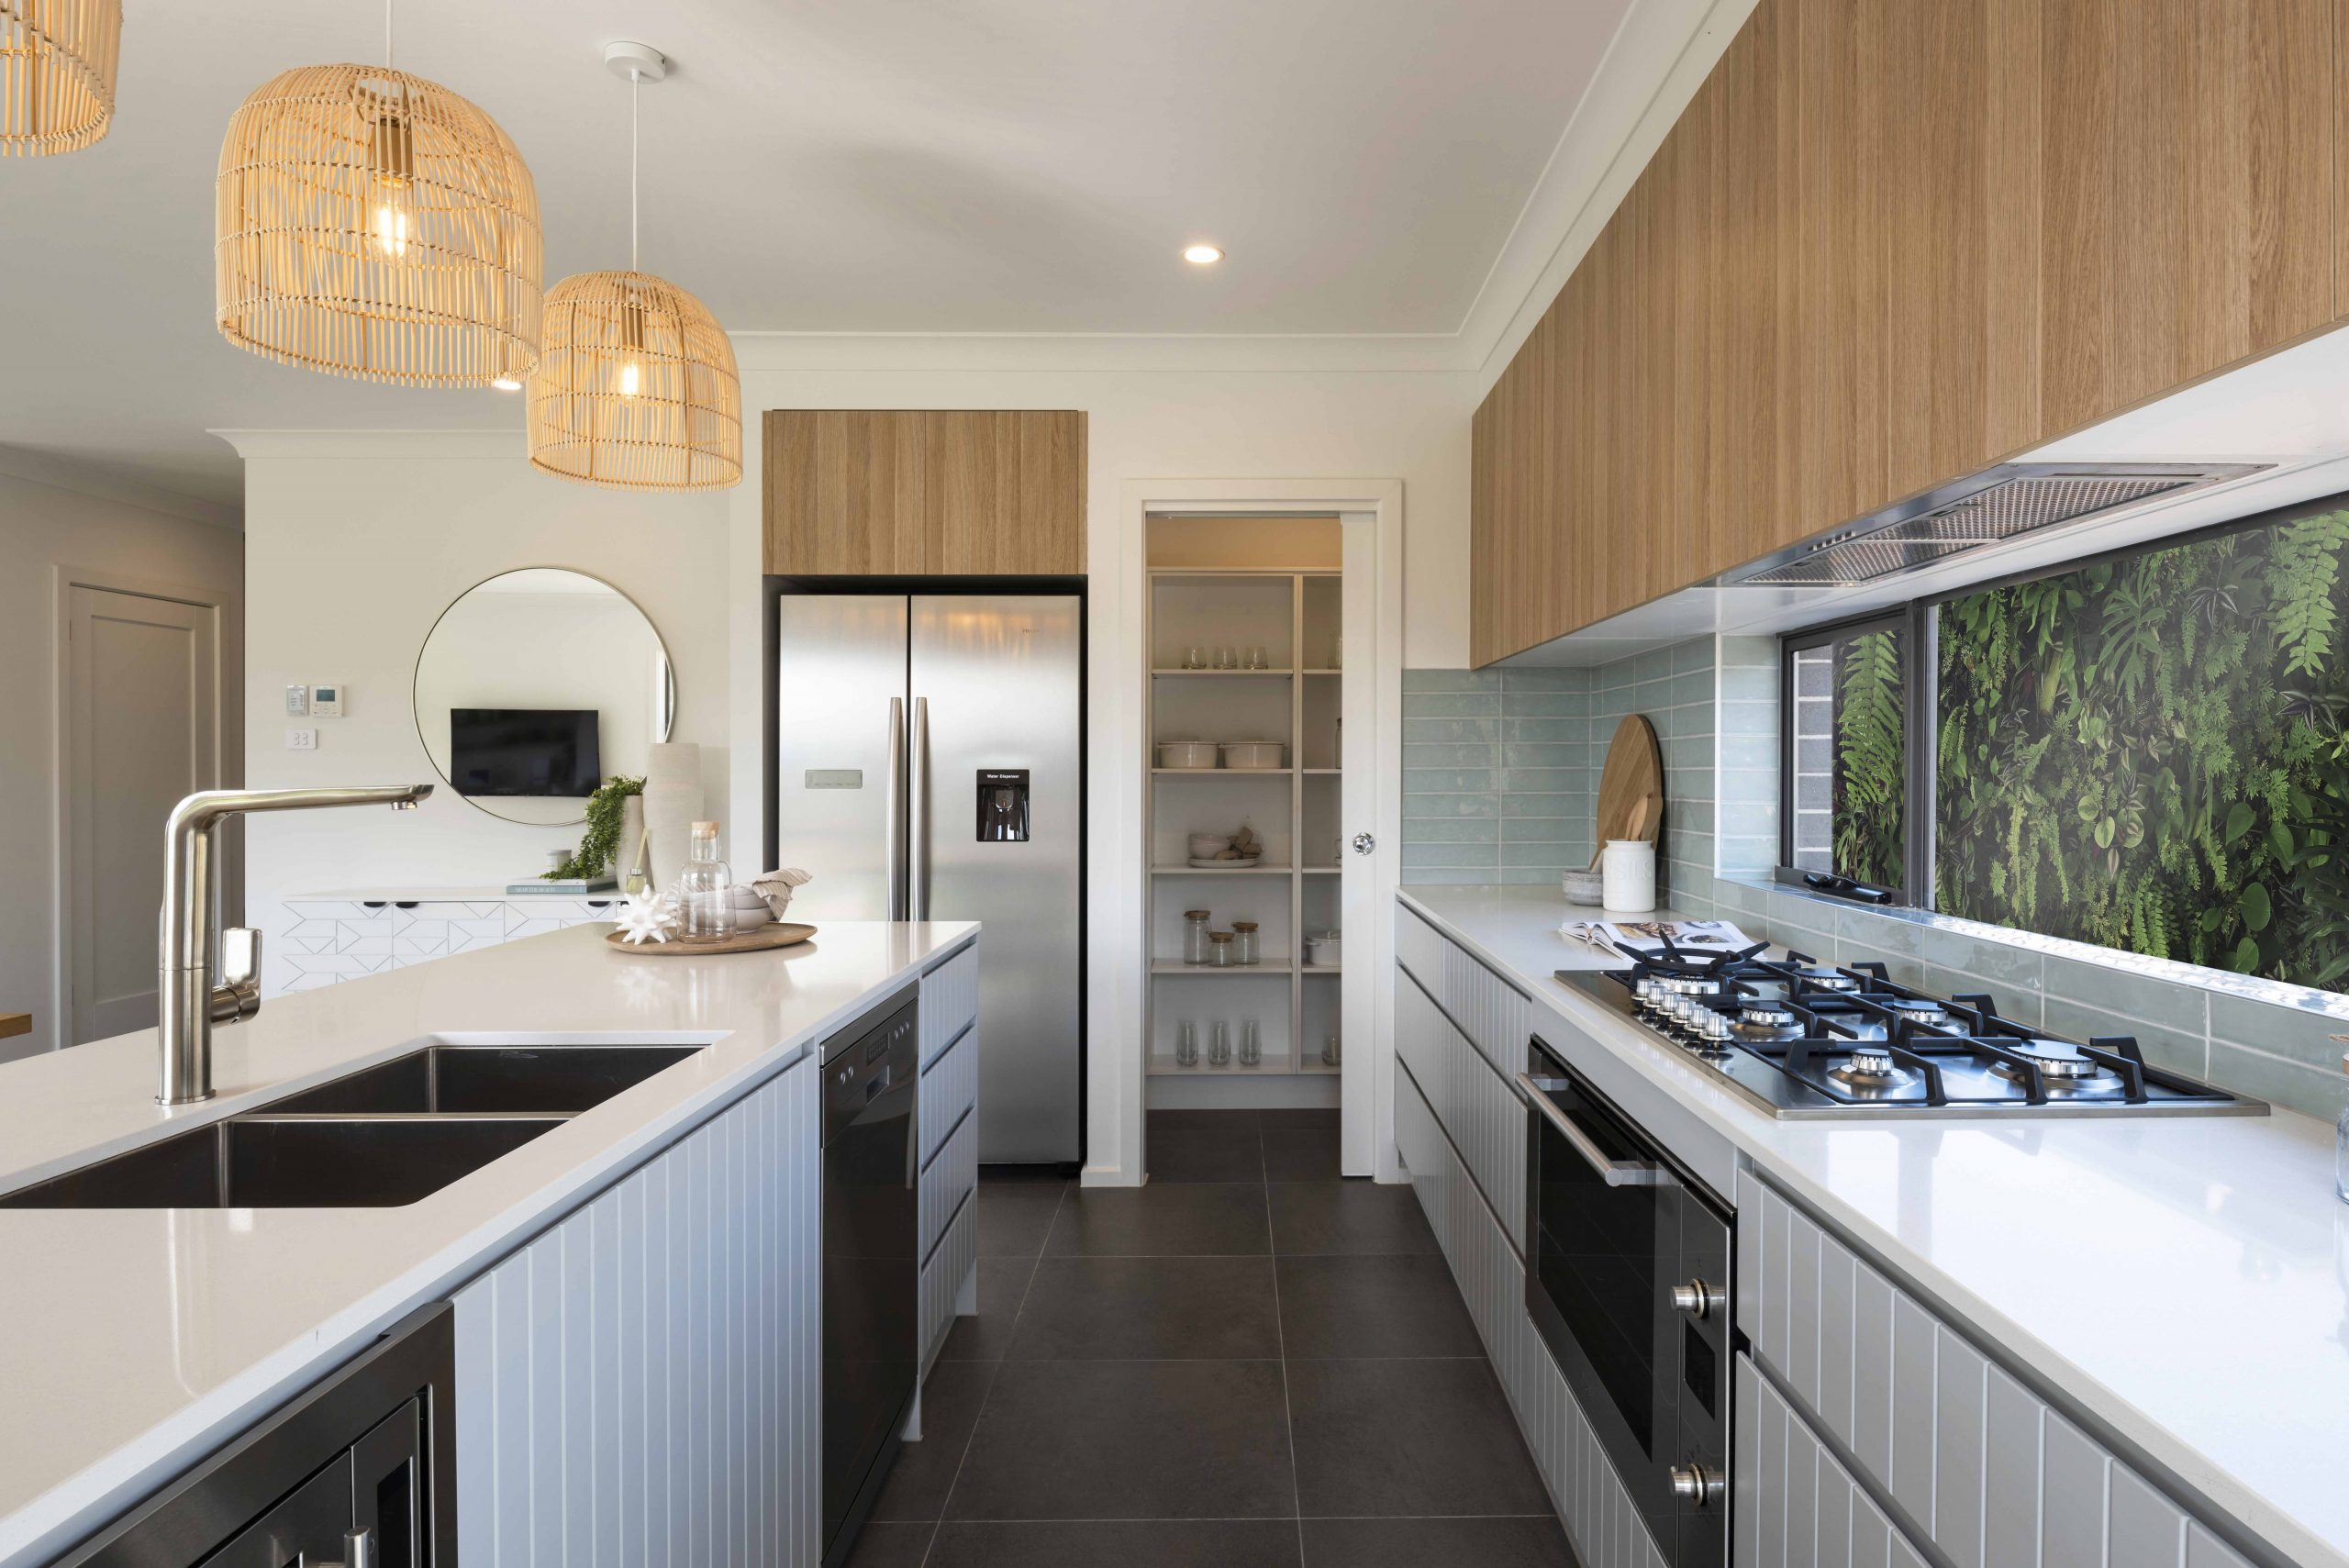 Bondi kitchen